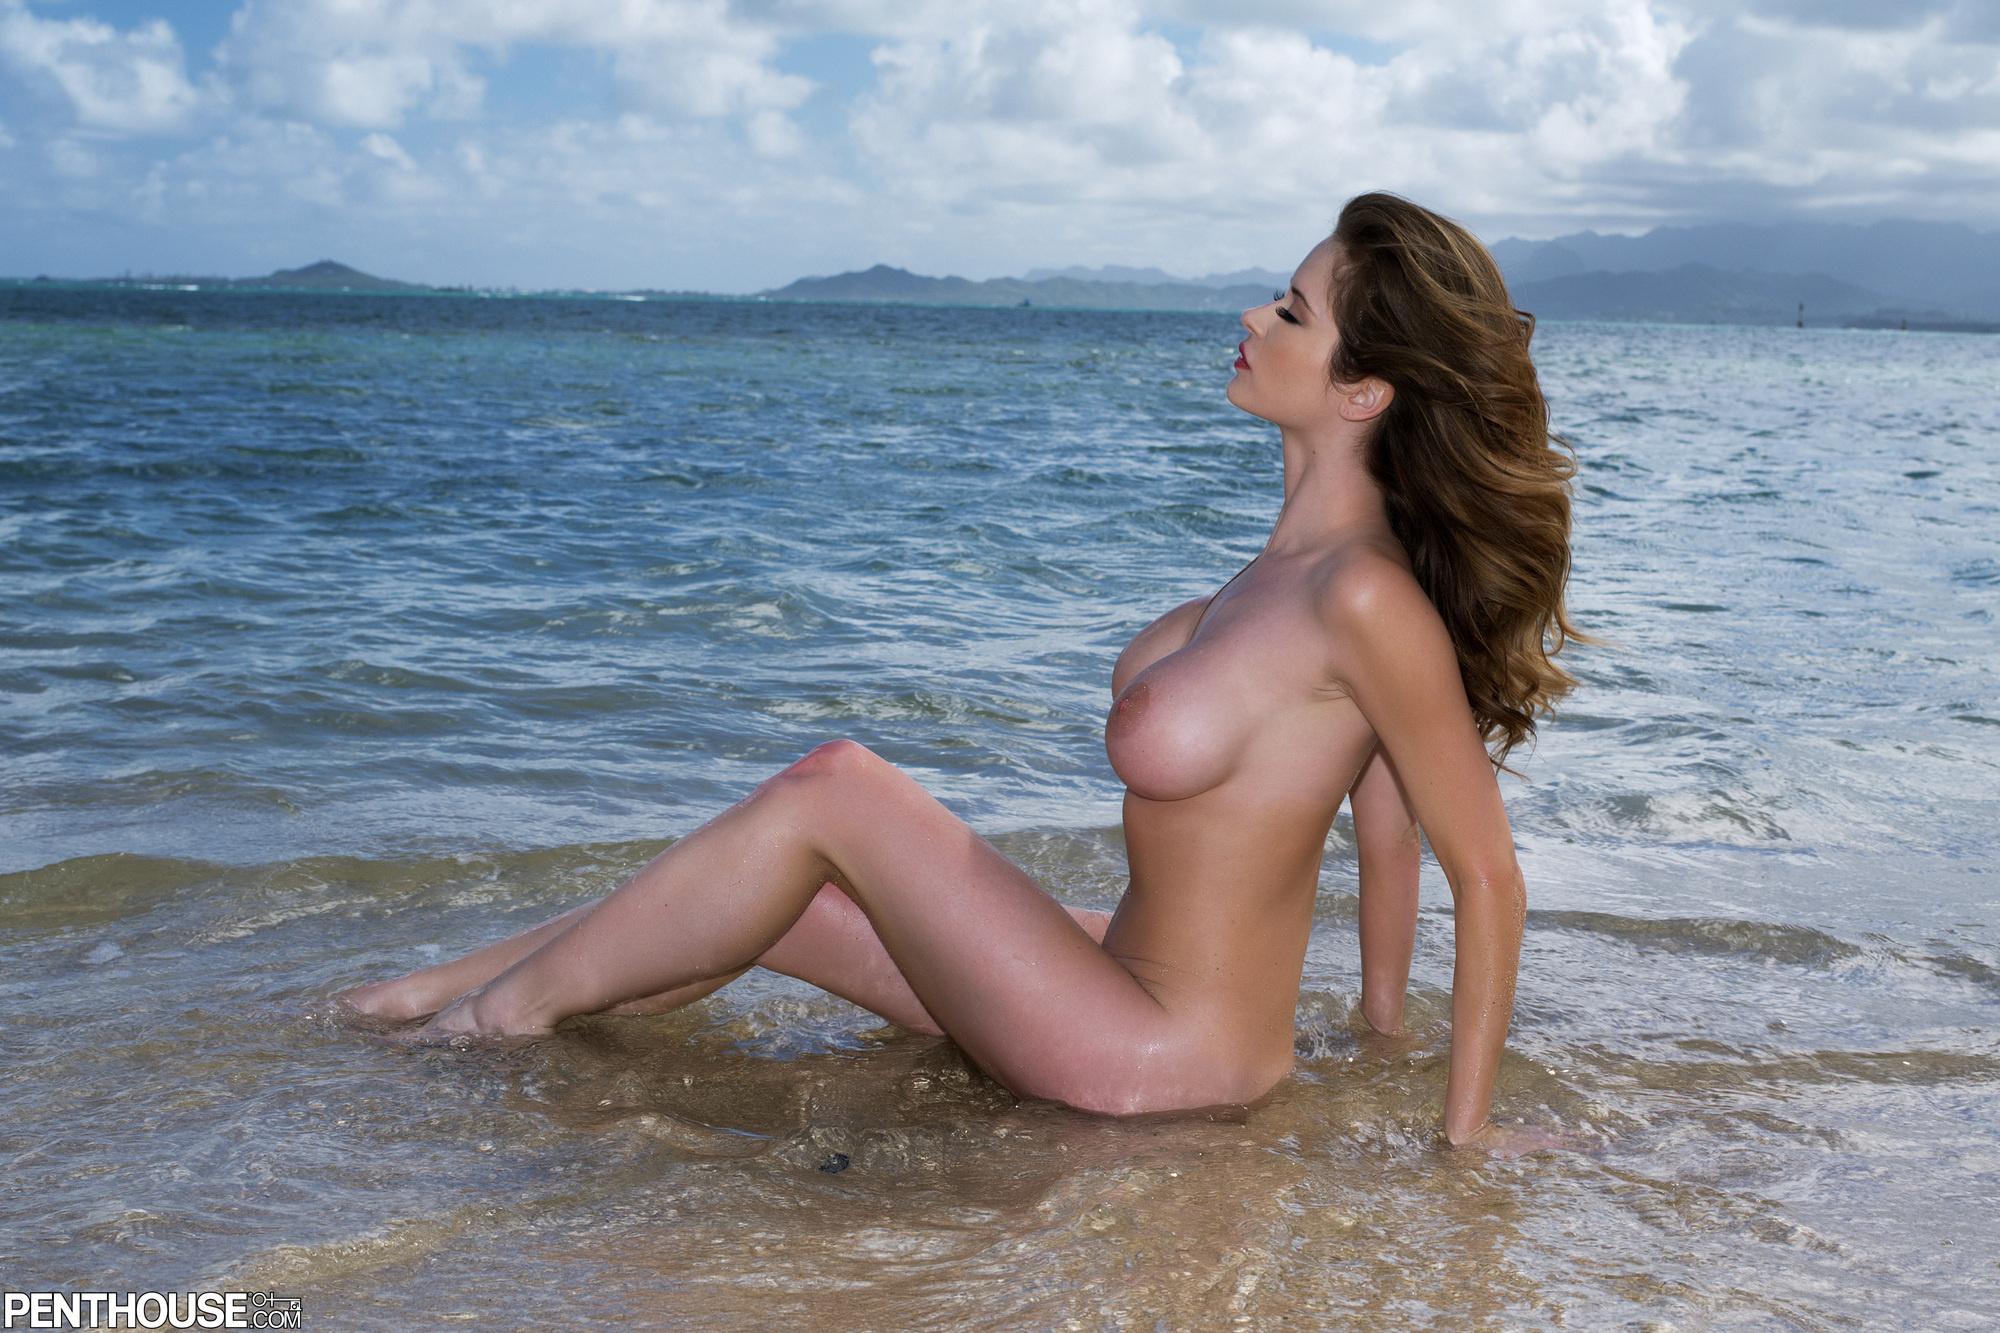 русский эротический голый пляж крым